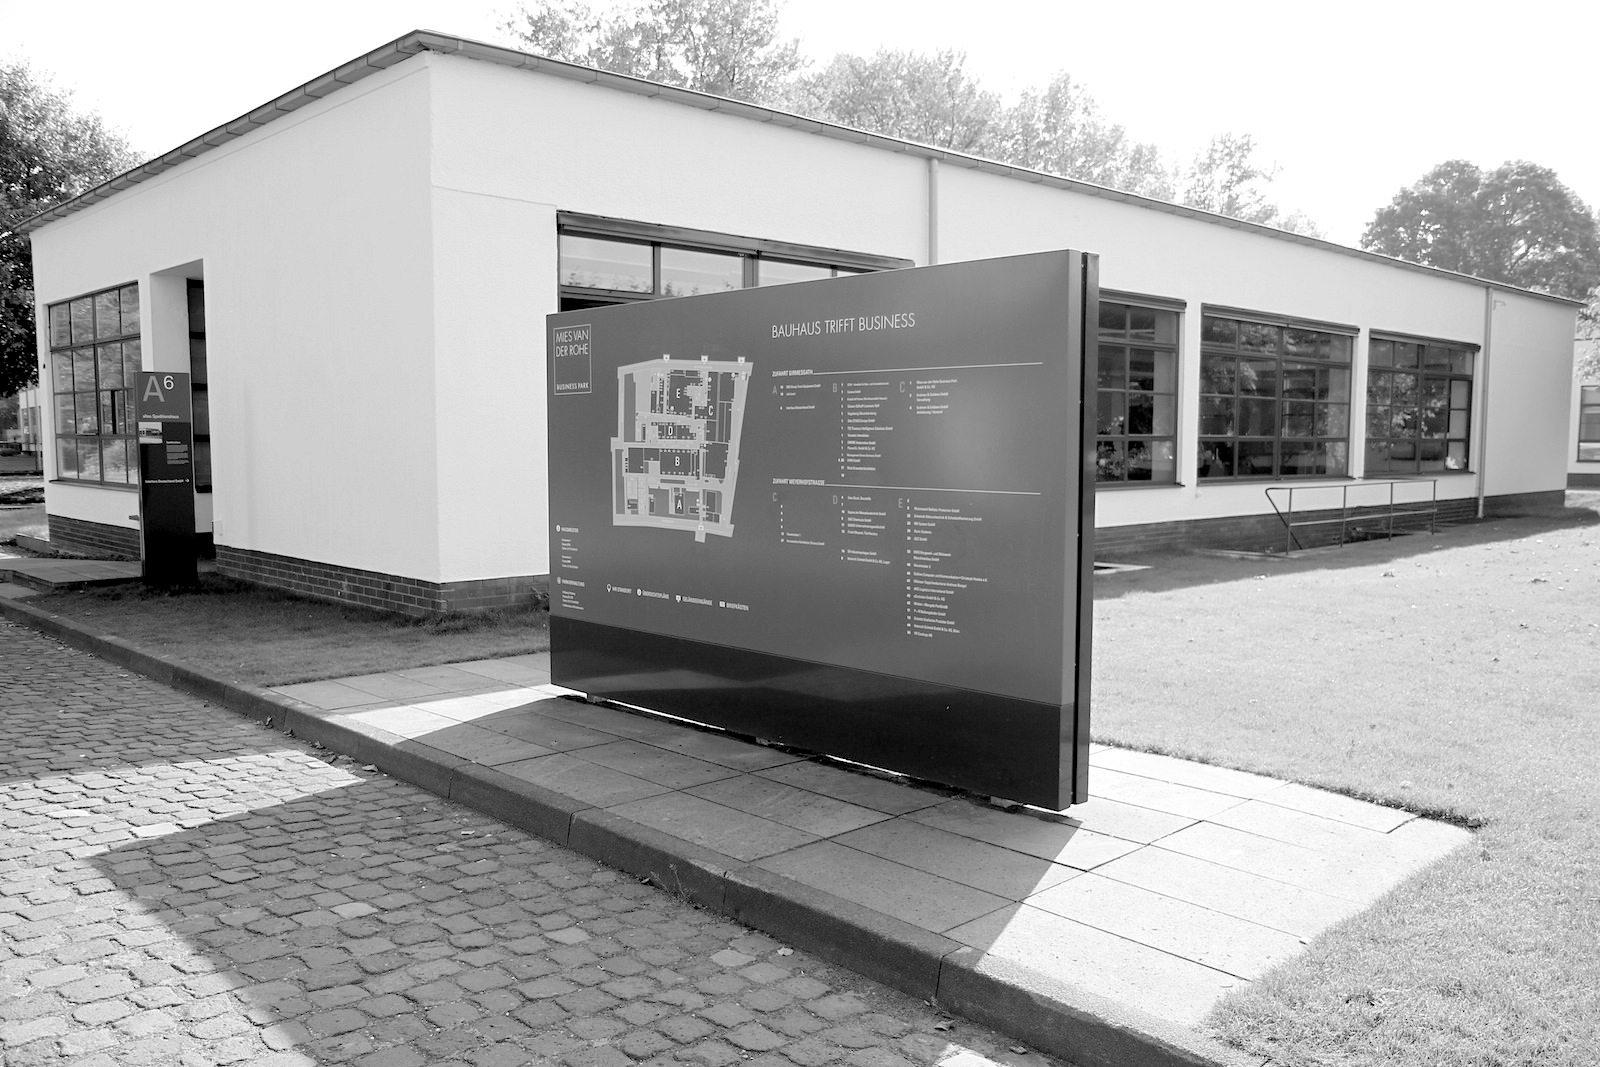 Mies van der Rohe Business Park. ... Materialauswahl mit damaligen neuen technischen Errungenschaften.